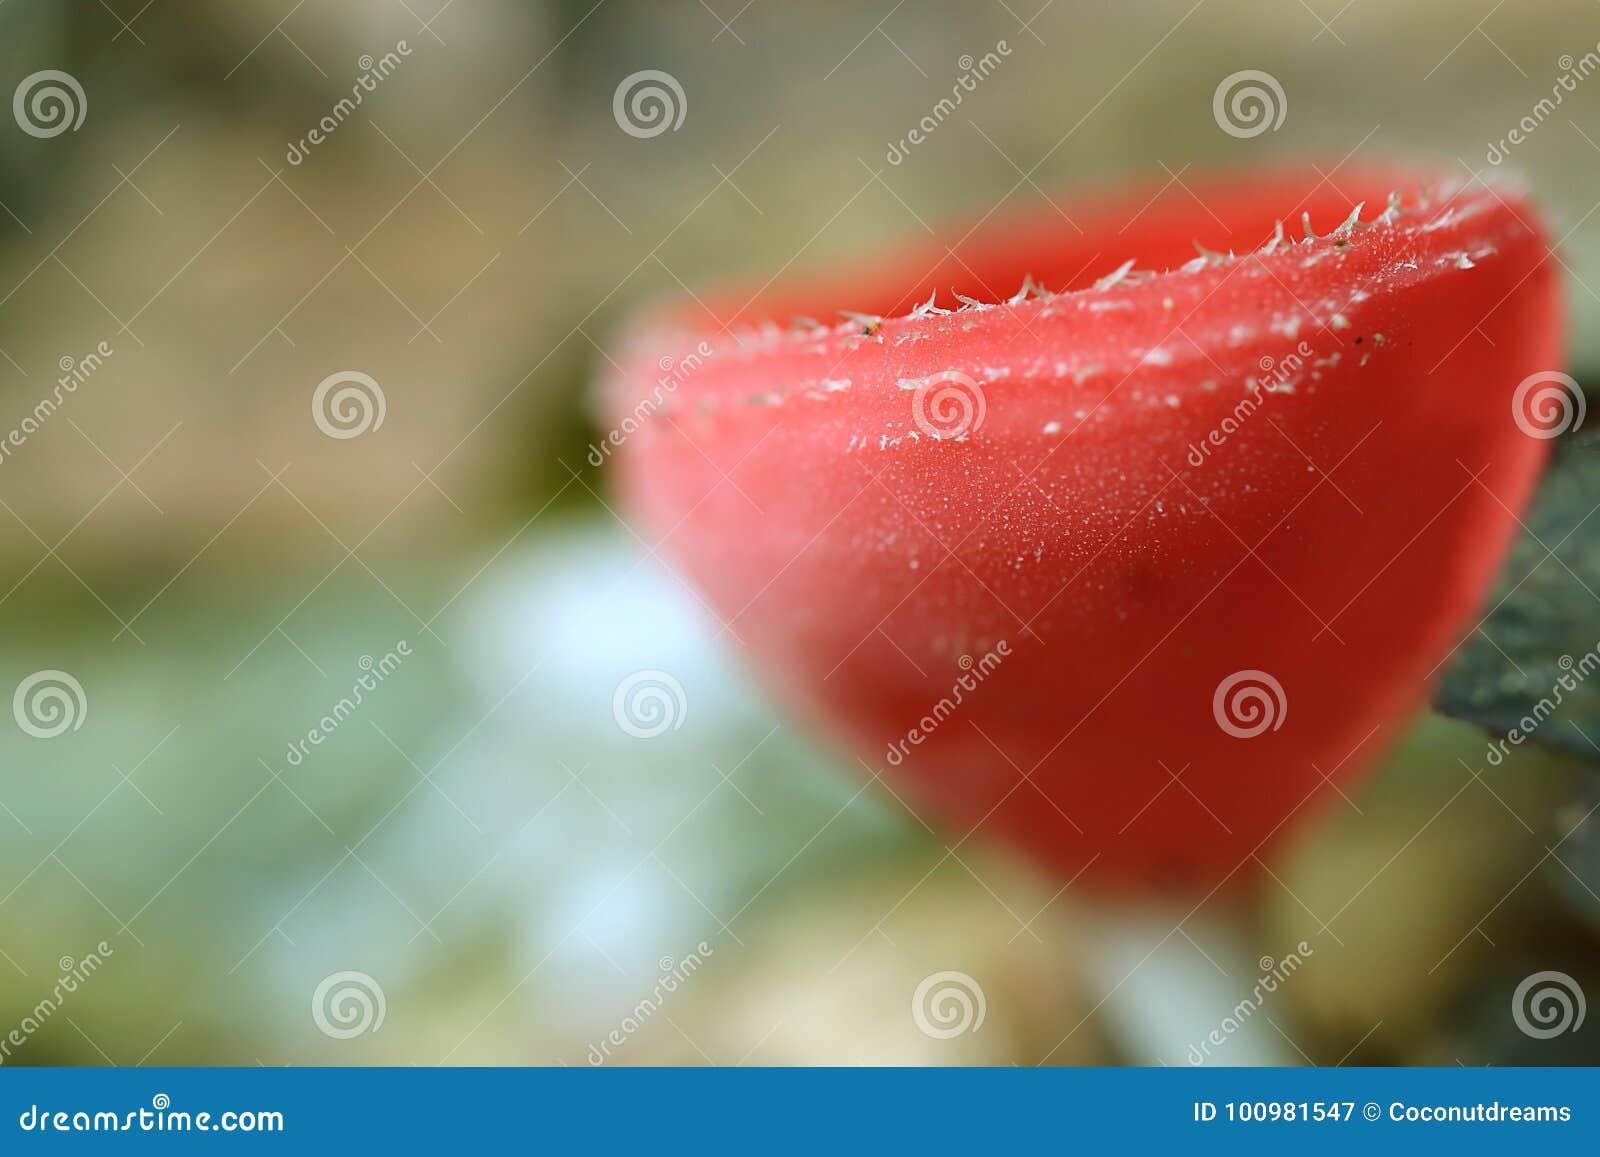 Close-up de Champagne Glass Mushroom ou de fungos de copo vermelhos na floresta tropical de Tailândia